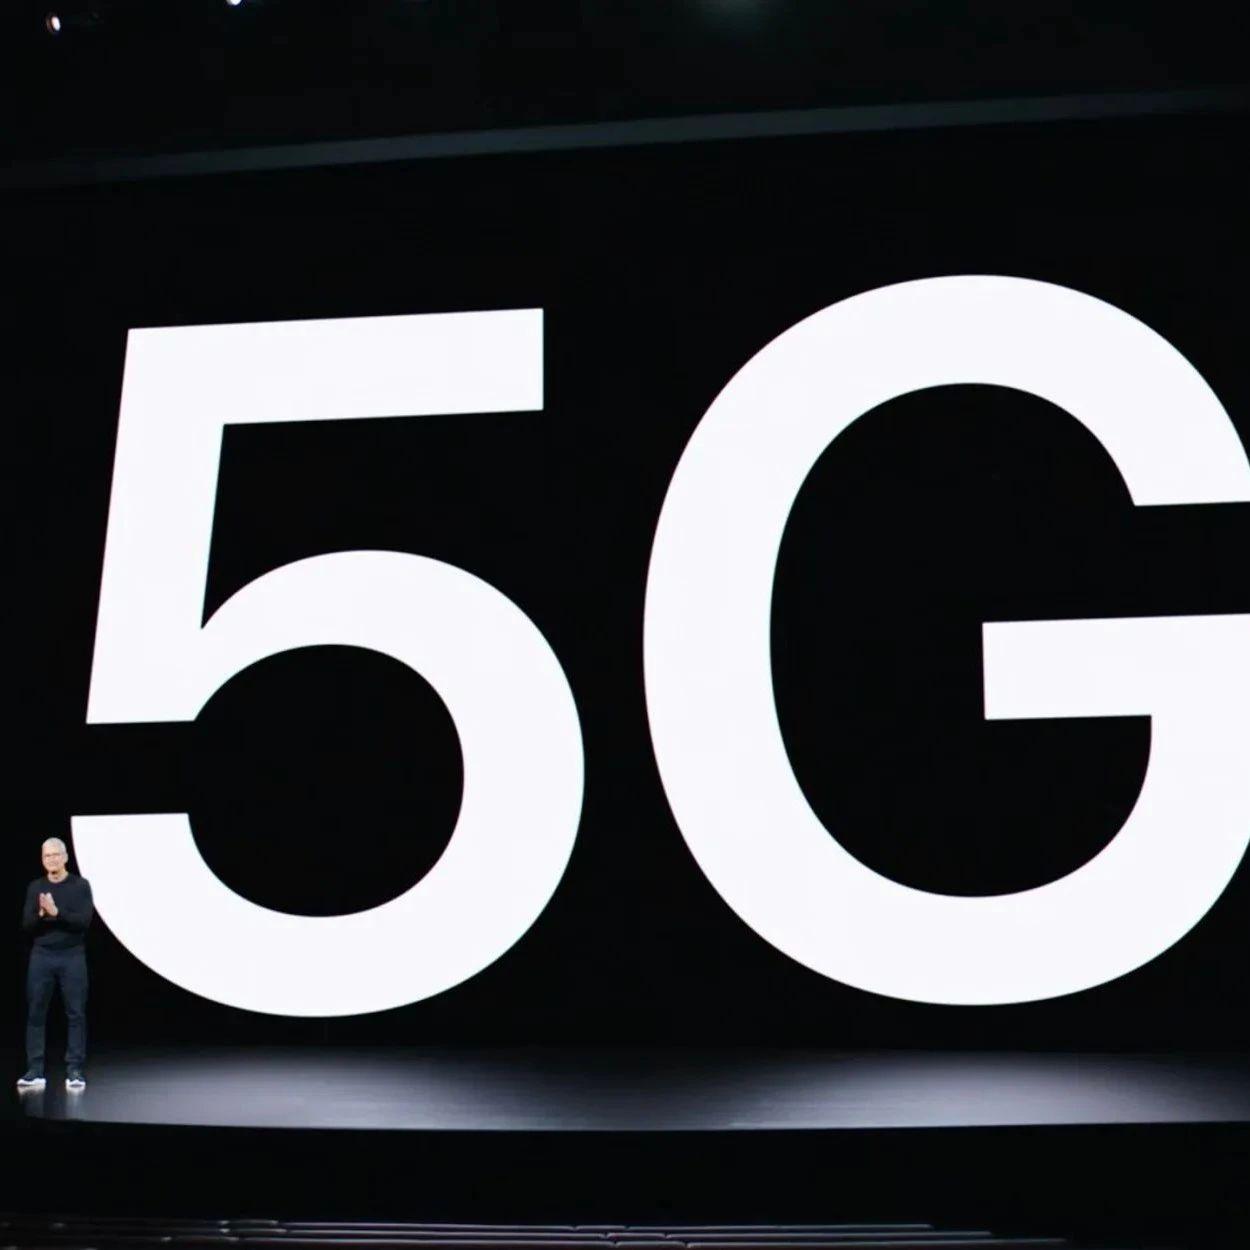 iPhone 13系列的推出将使5G网络得到更广泛的应用